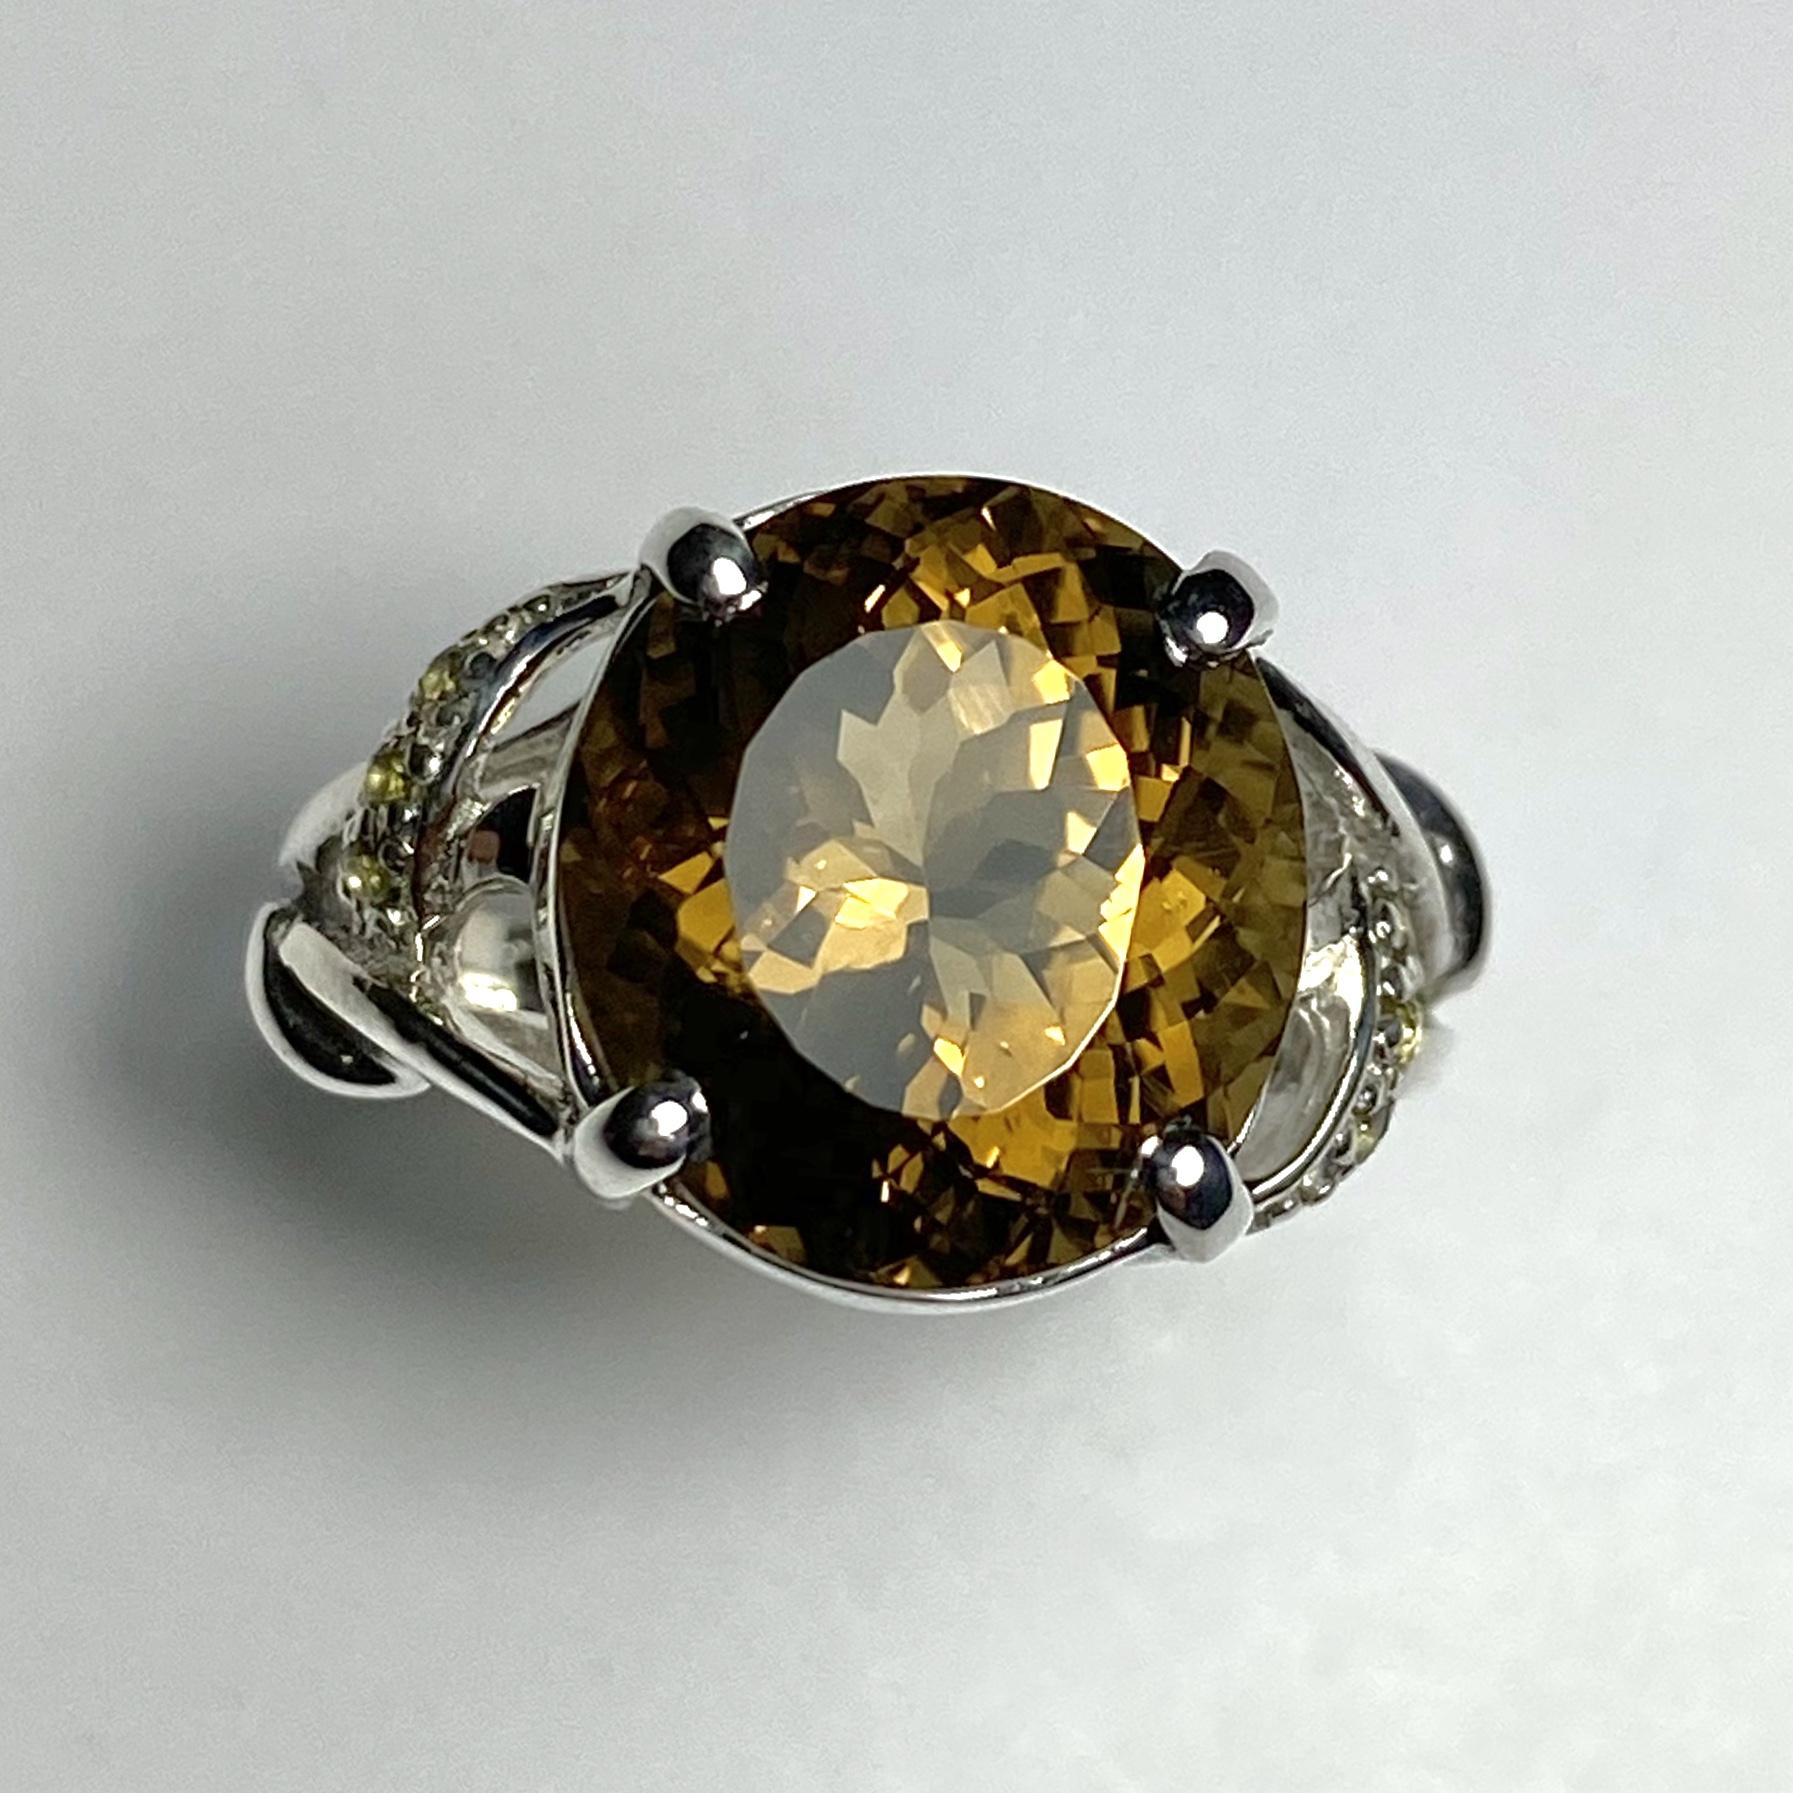 Andesine Labradorite ring